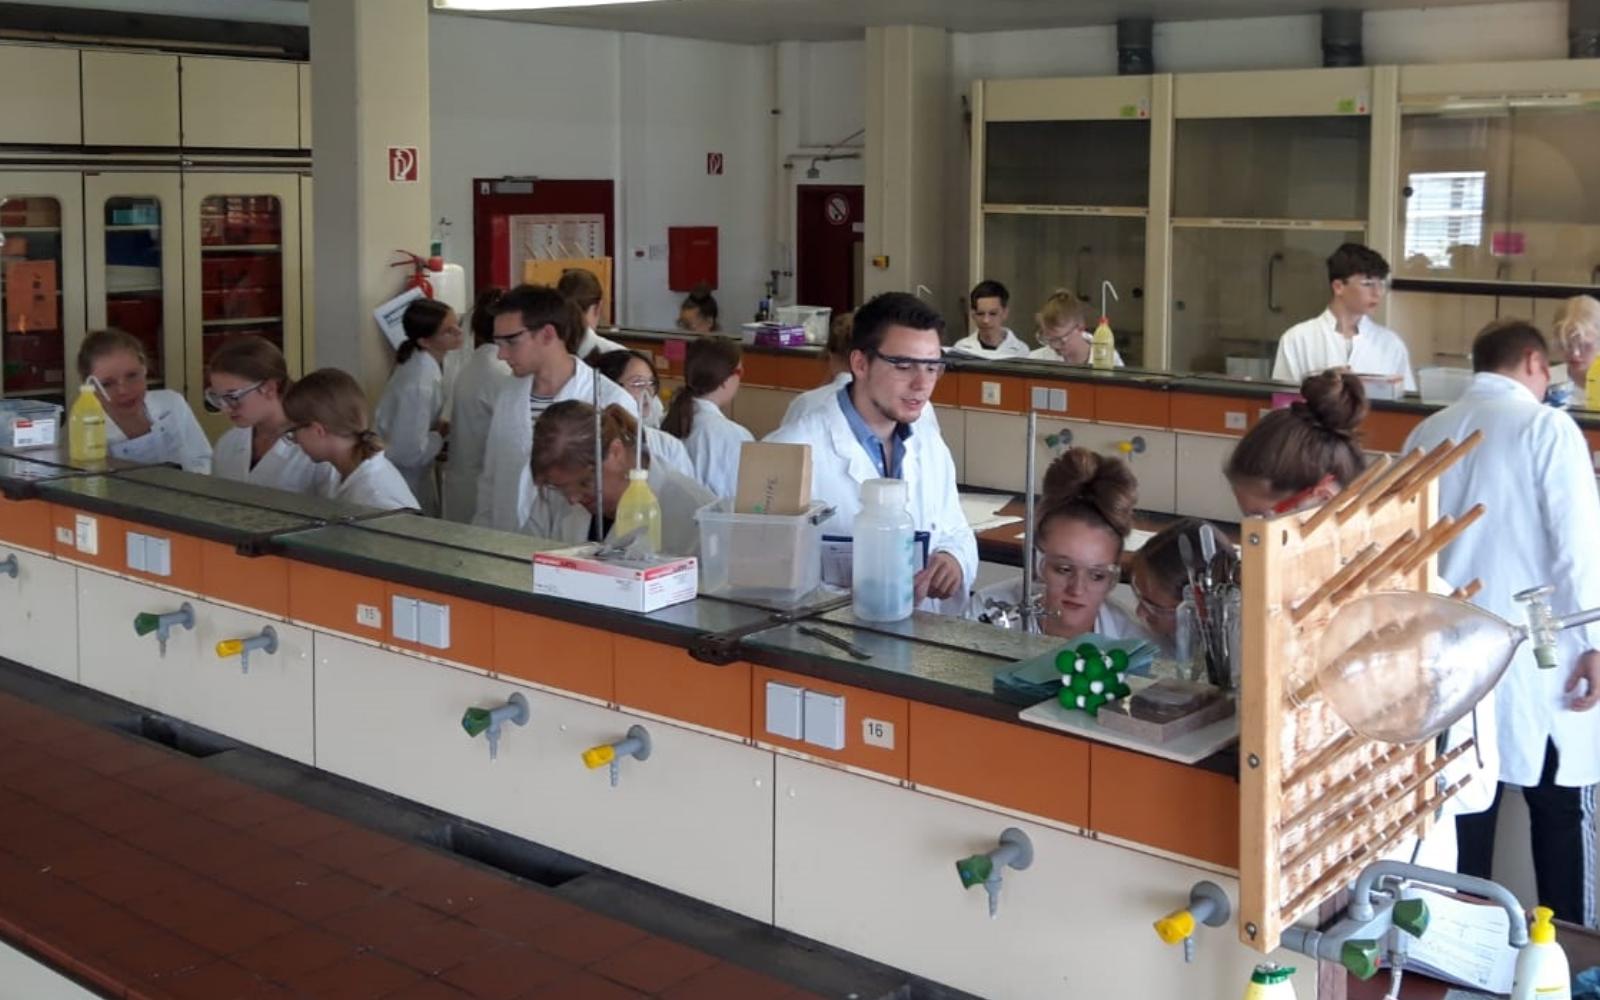 Klasse 8 auf Entdeckungstour im Schülerlabor Chemie der Goethe-Universität Frankfurt